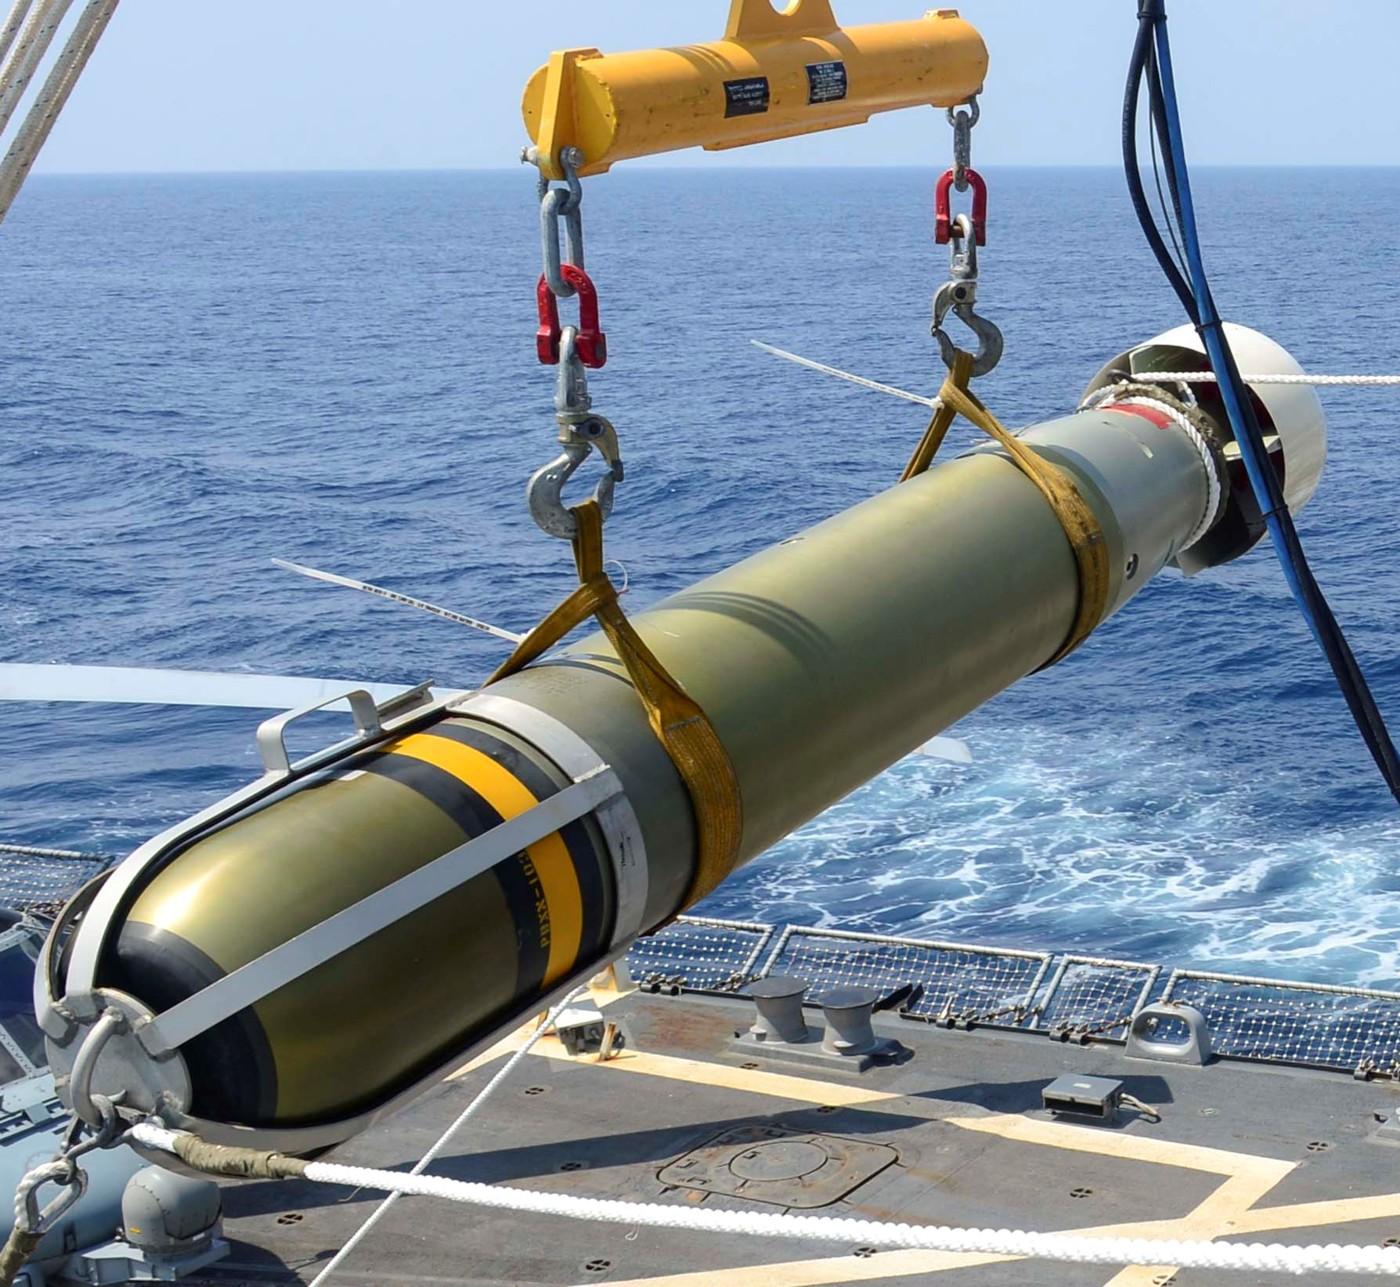 الطراد الأمريكي تايكندروجا Mk-46-torpedo-006